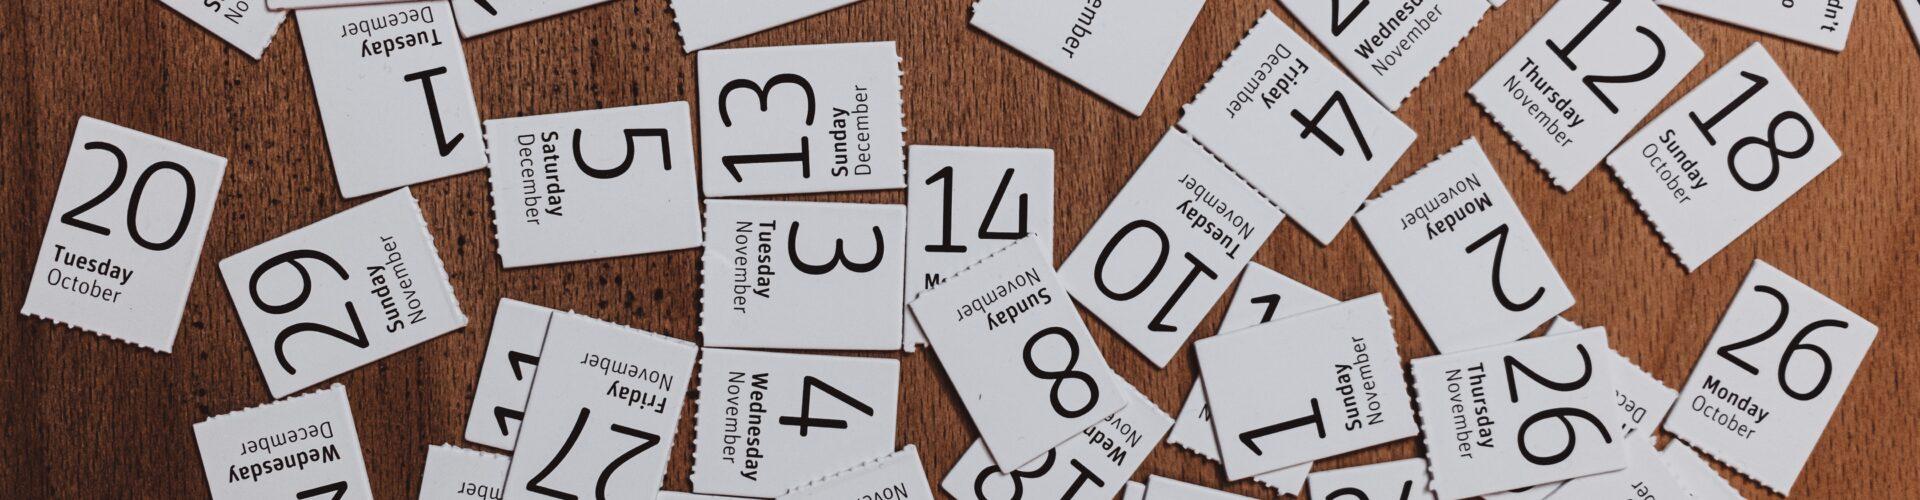 Abgerissene Kalenderblätter auf einem Tisch liegend